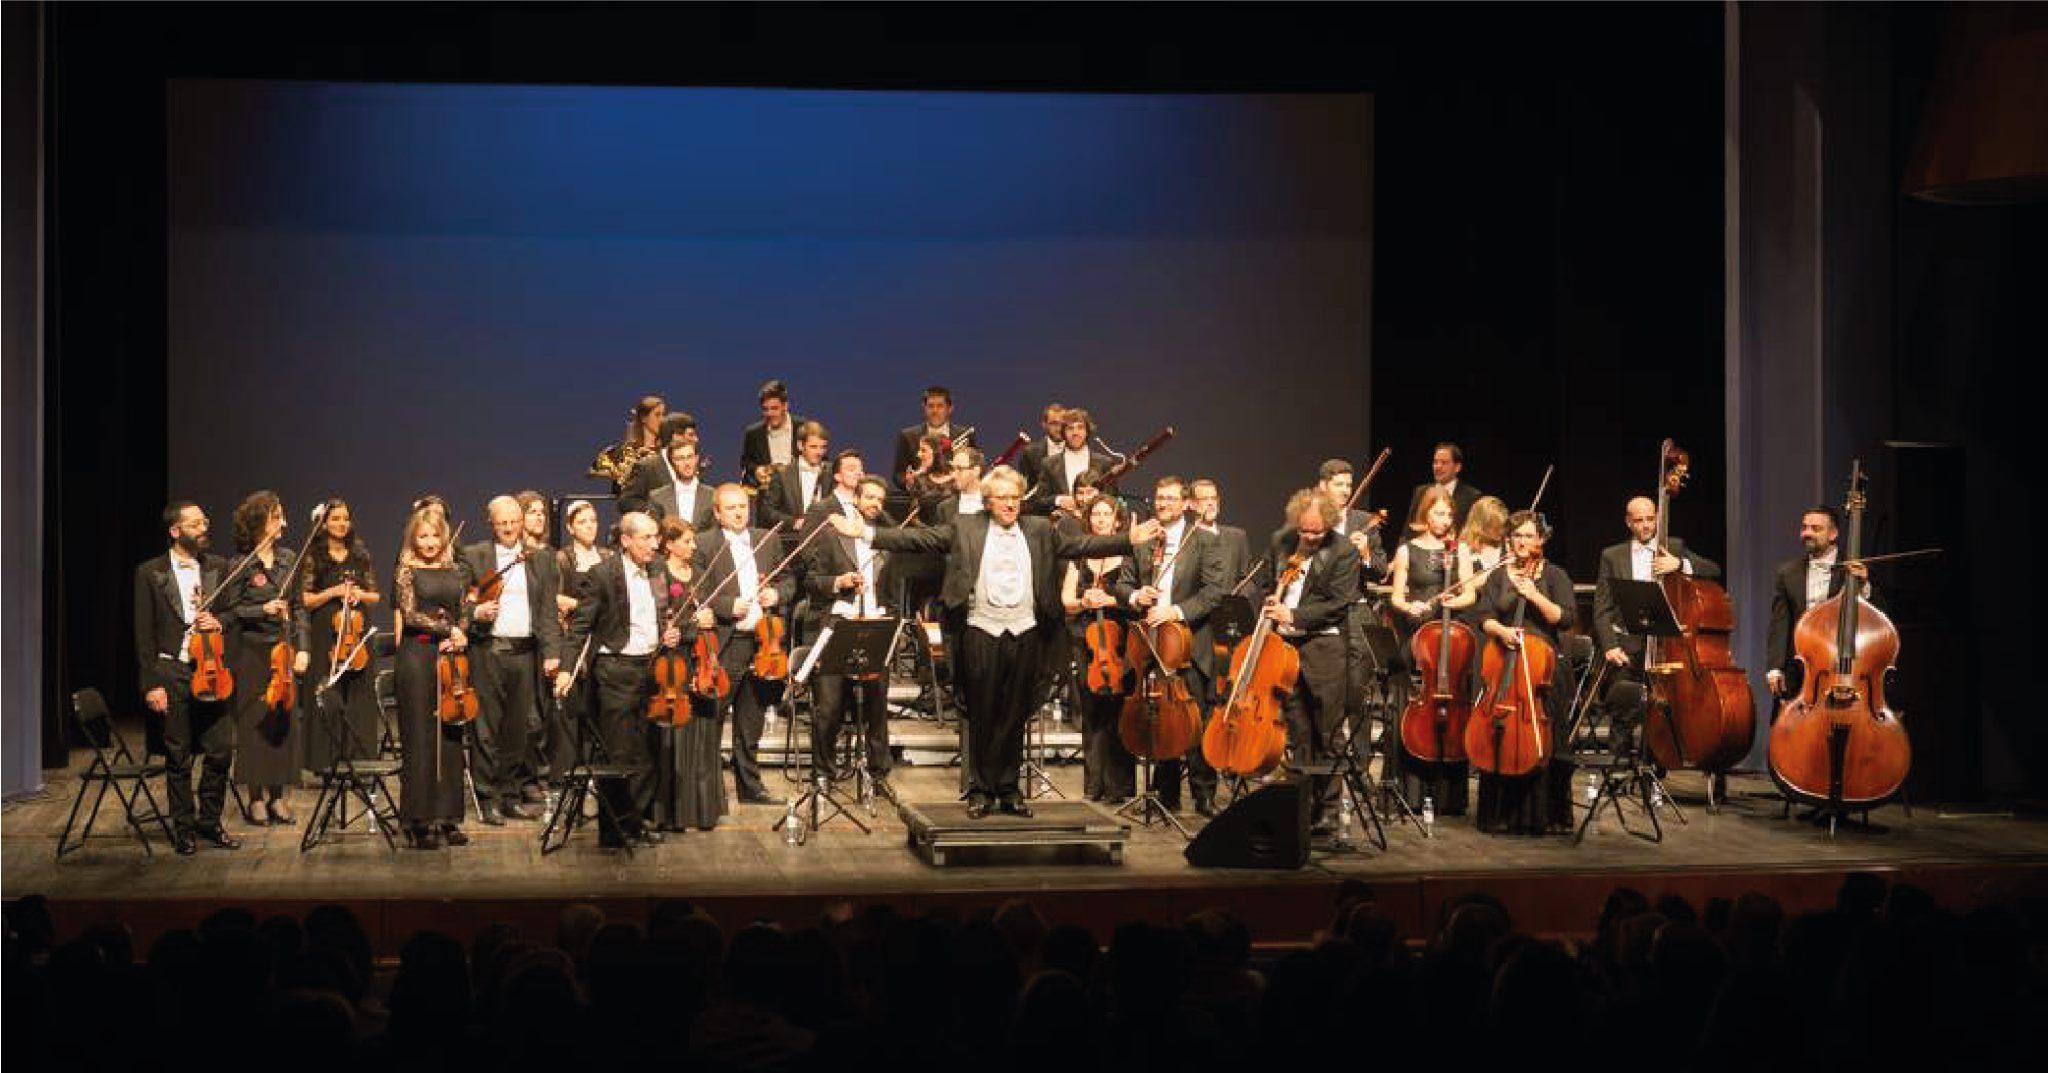 Concerto Orquestra Filarmonia das Beiras | Comemorações 37º aniversário da elevação de OAZ a cidade